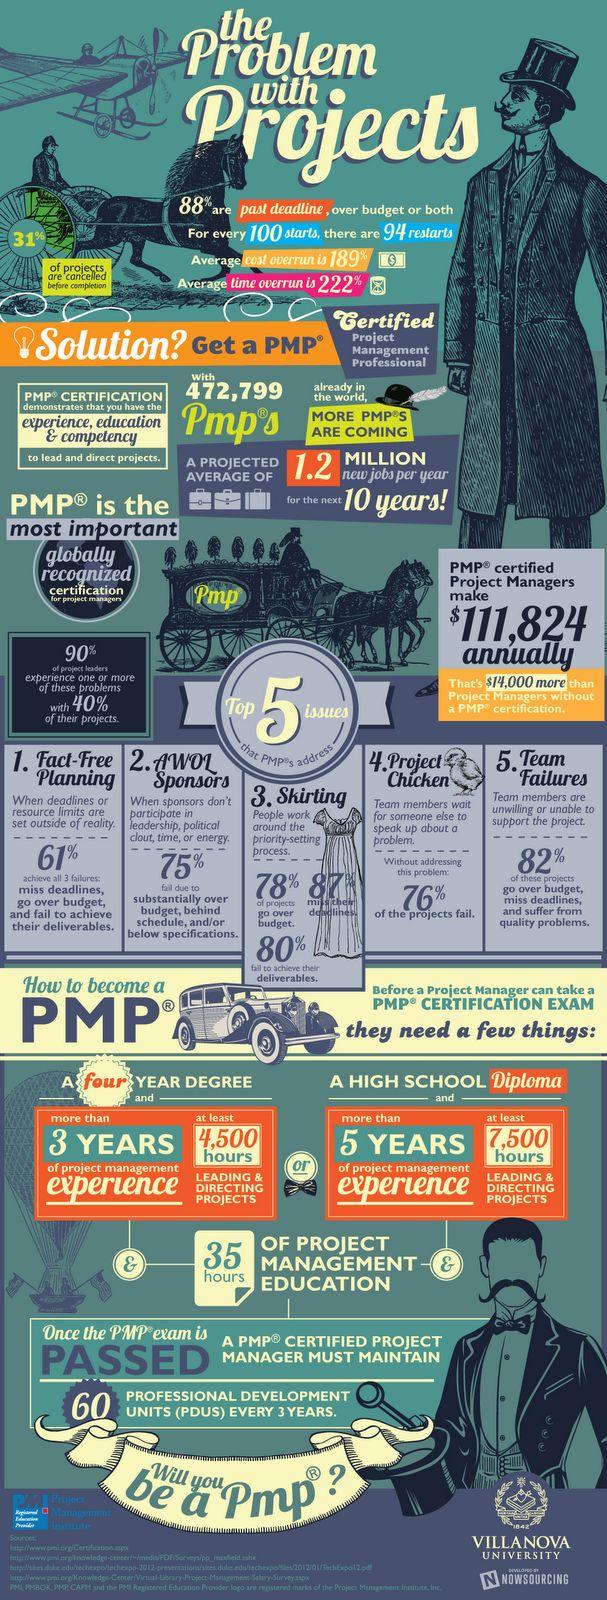 Blog de Eduardo: Los Problemas con los Proyectos (PMP) [Infografía]